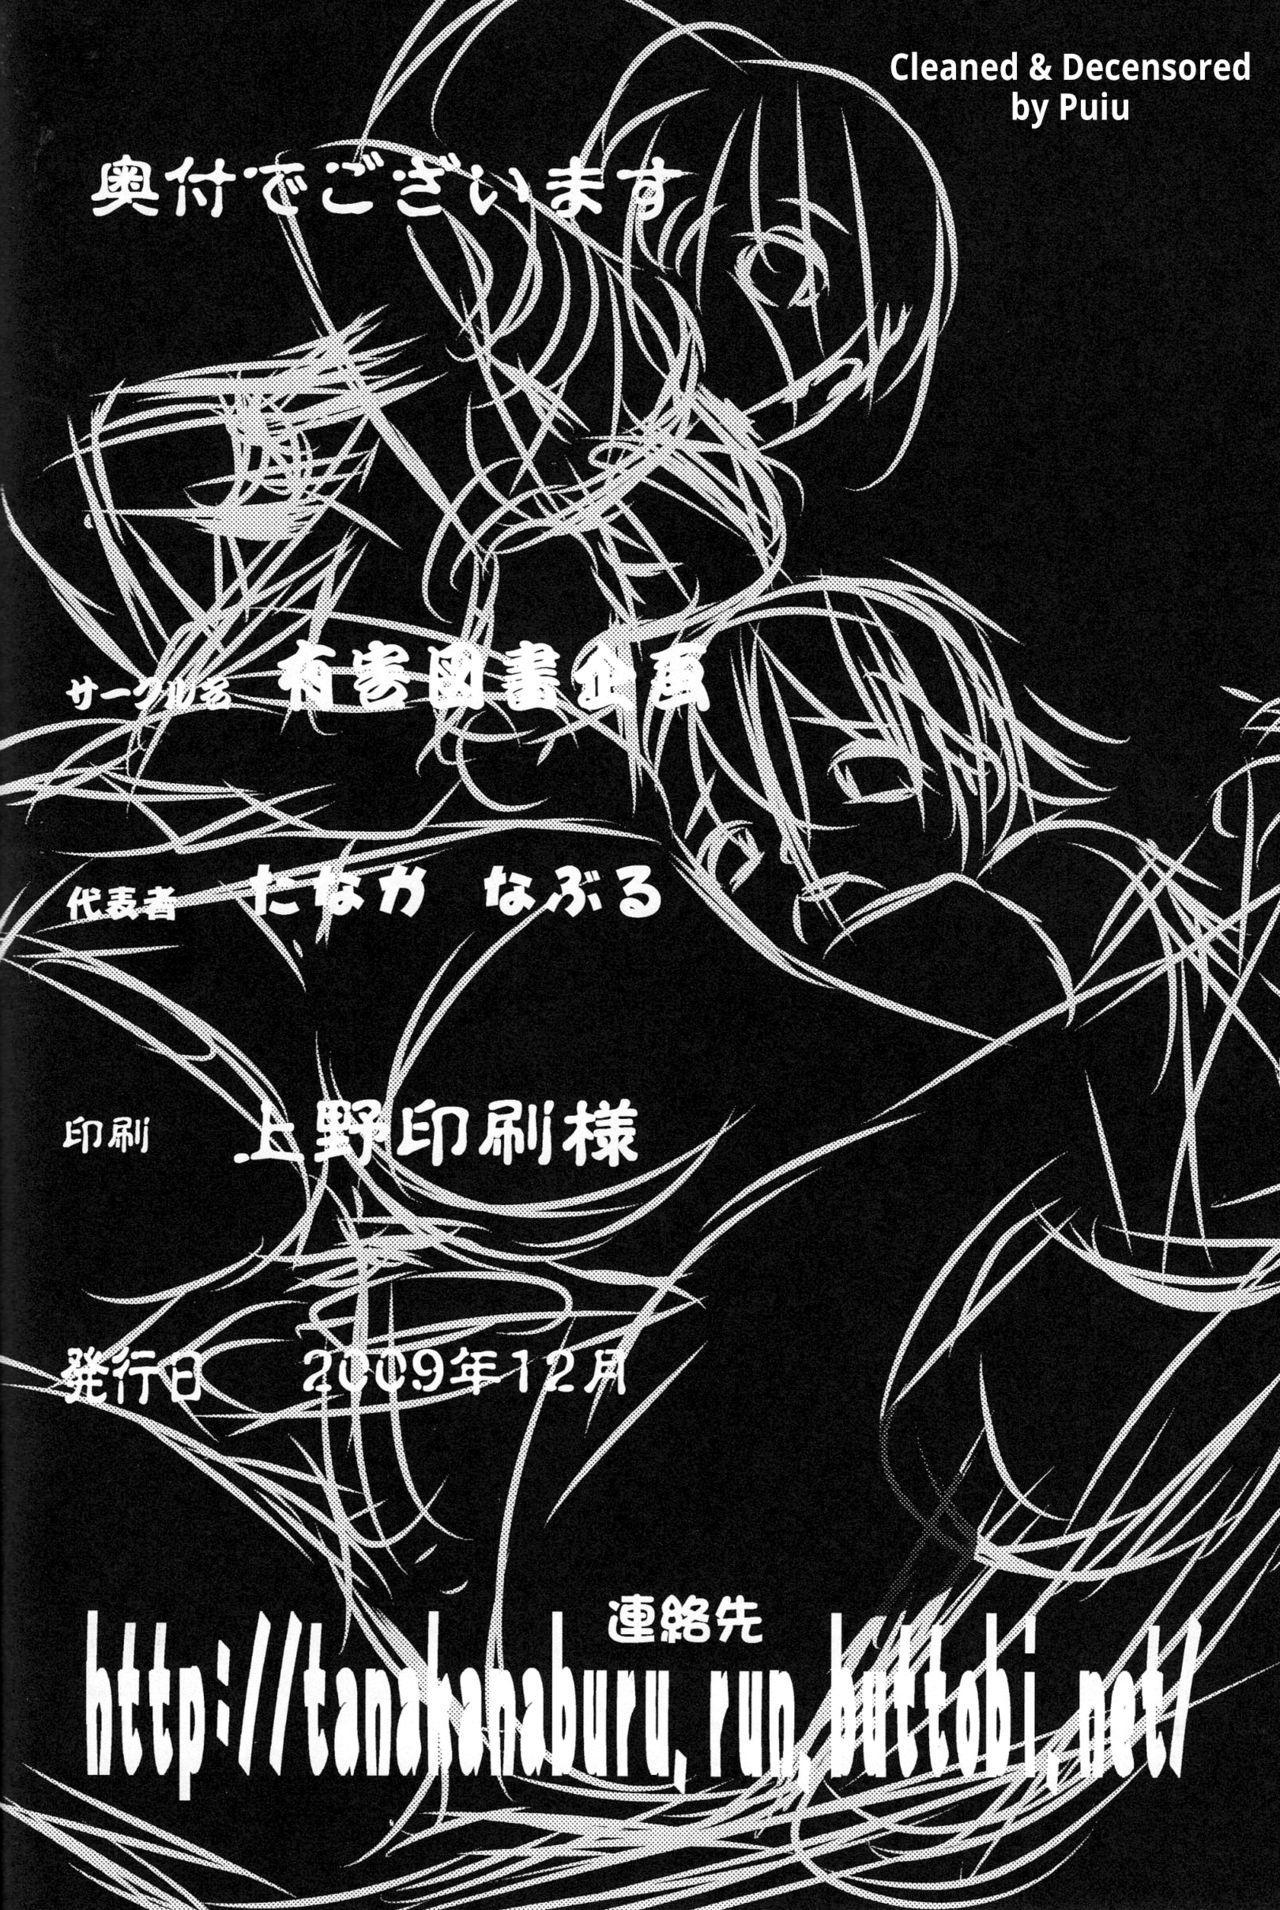 (C77) [Yuugai Tosho Kikaku (Tanaka Naburu)] Kowarekake no Kekkan Denki (radio noise) | Destructive Radio Noise (Toaru Kagaku no Railgun) [English] =Torwyn= [Decensored] 25